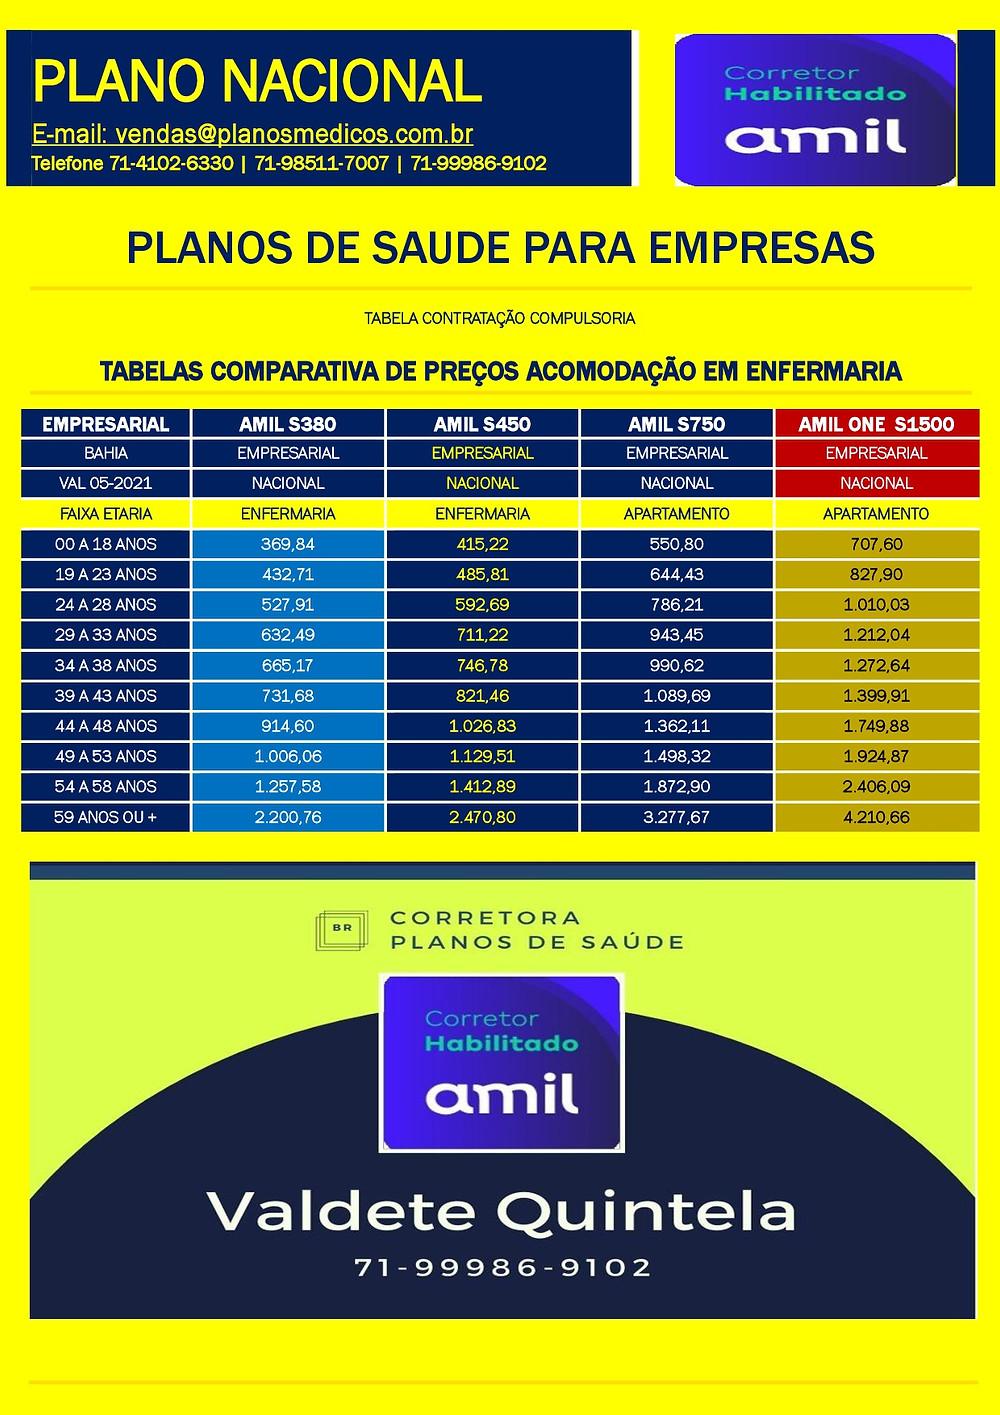 Planos de Saude Vendas Amil Tabelas de Preços Ba